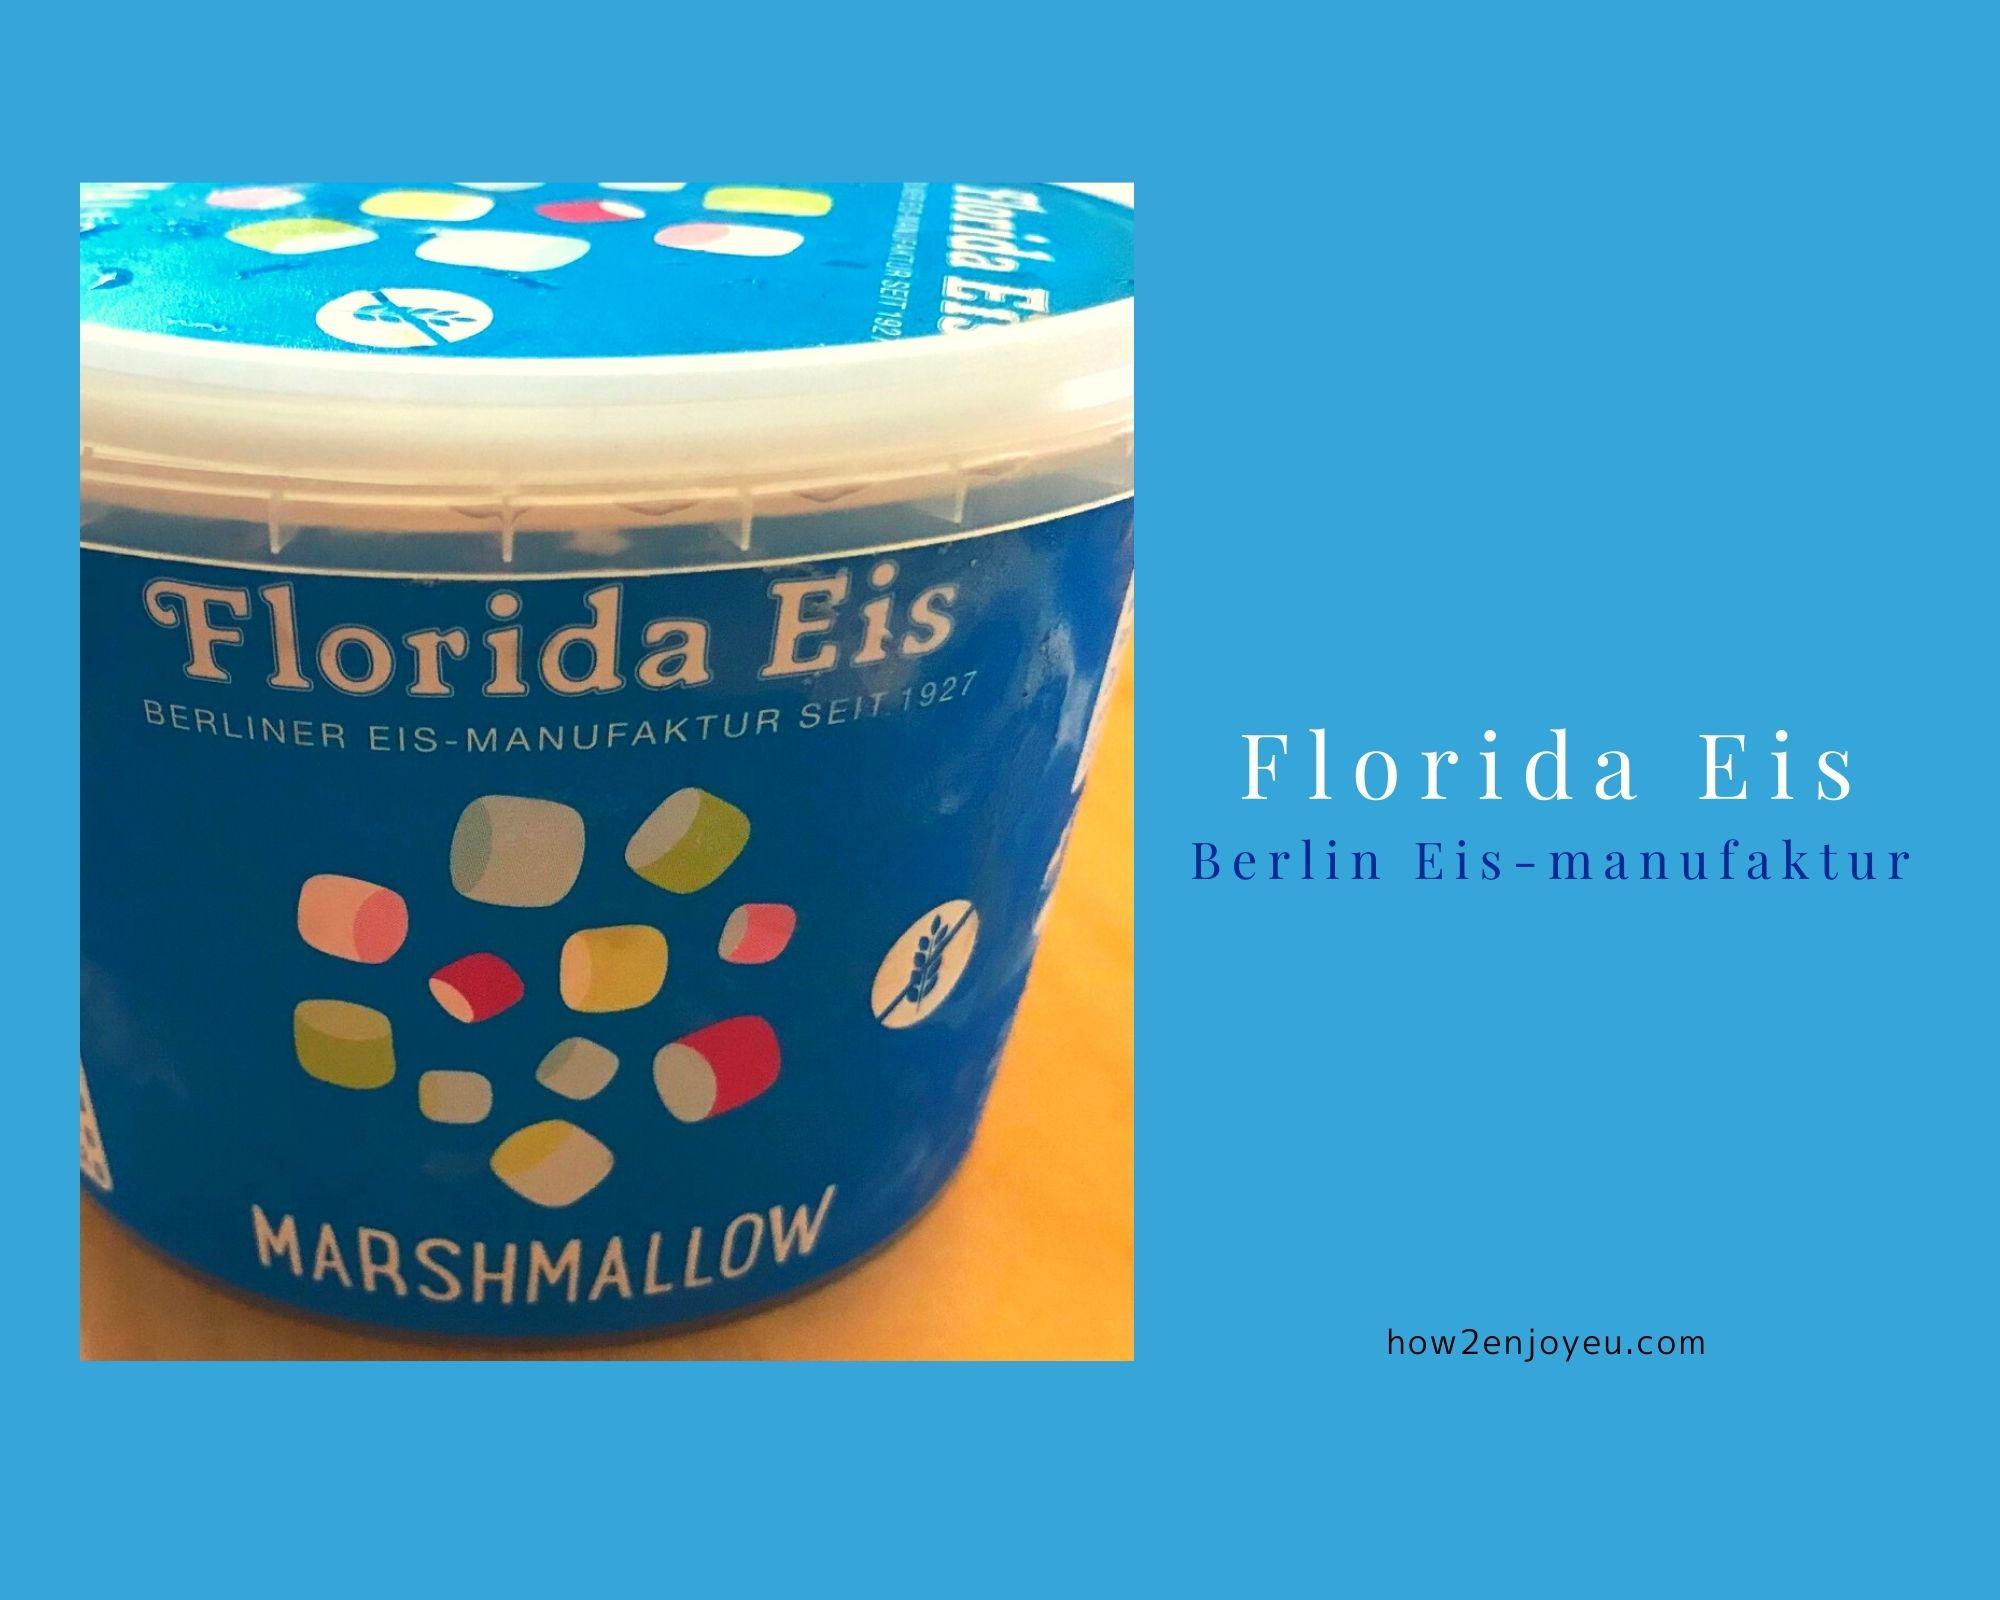 ベルリン生まれのアイス【Florida Eis】 はドイツ全土のスーパーマーケットで購入可能